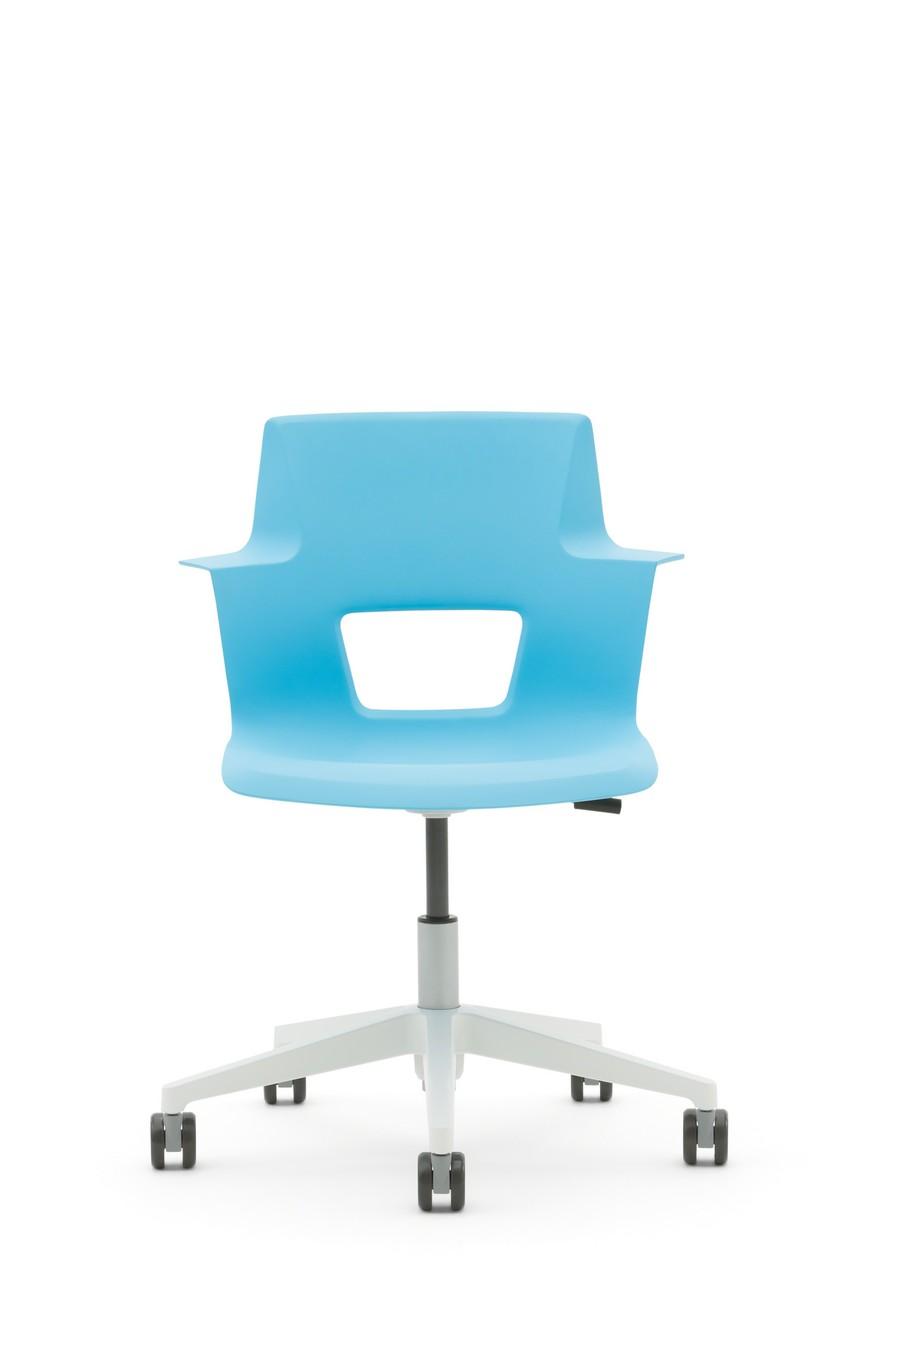 Офисное кресло голубого цвета